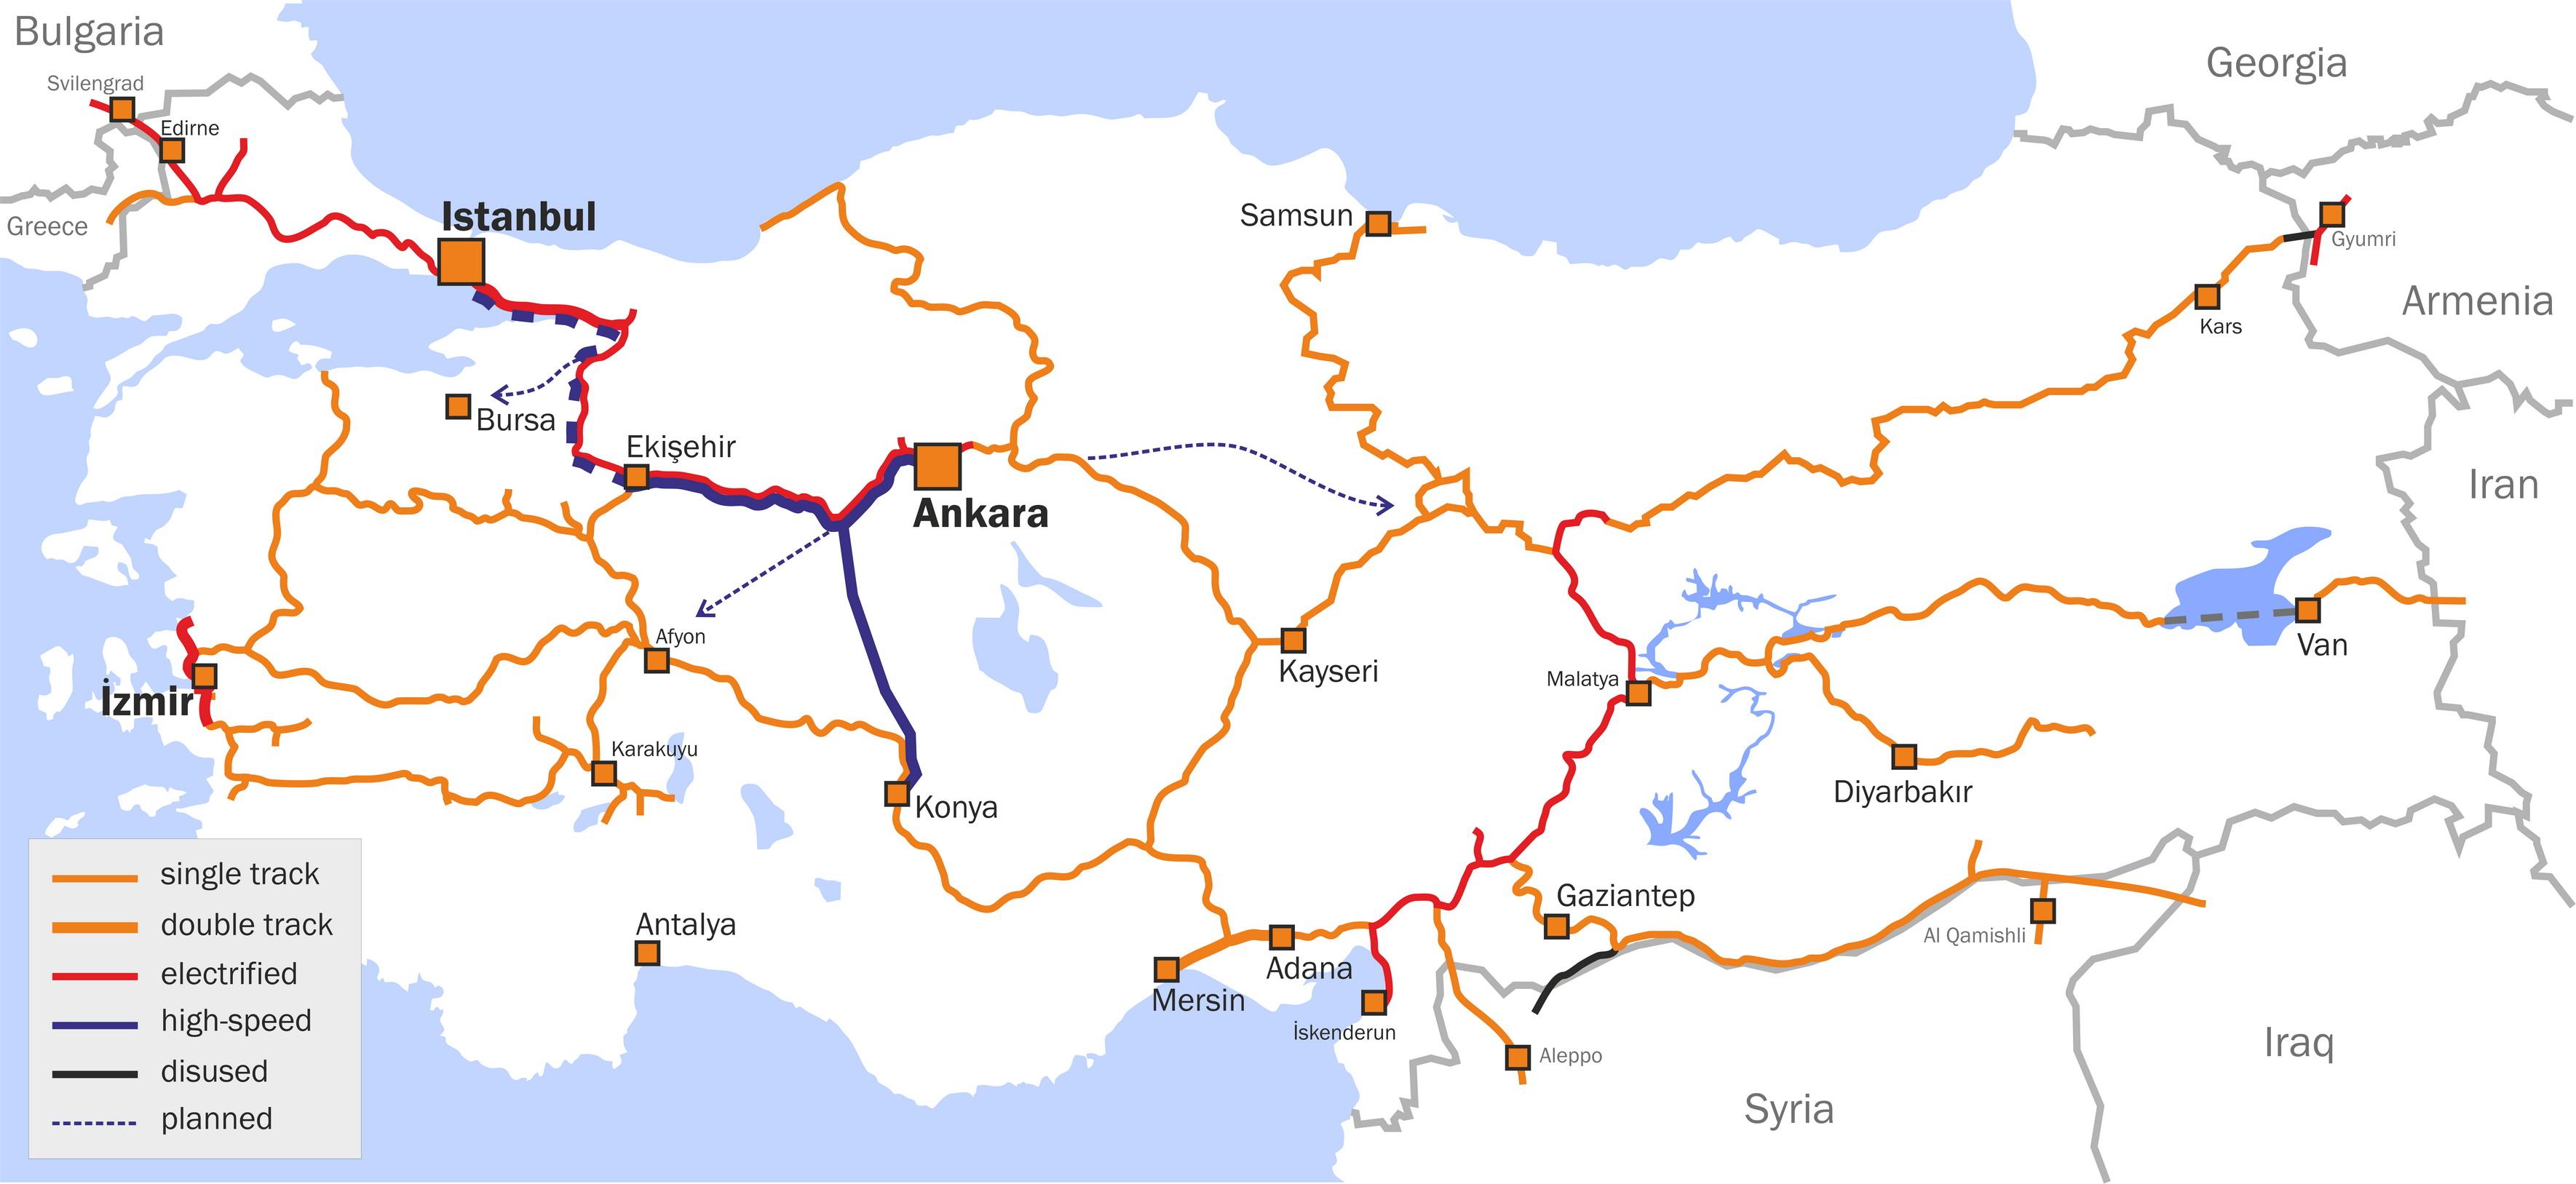 Rautateiden Turkki Kartta Verkkosivusto Valokuvia